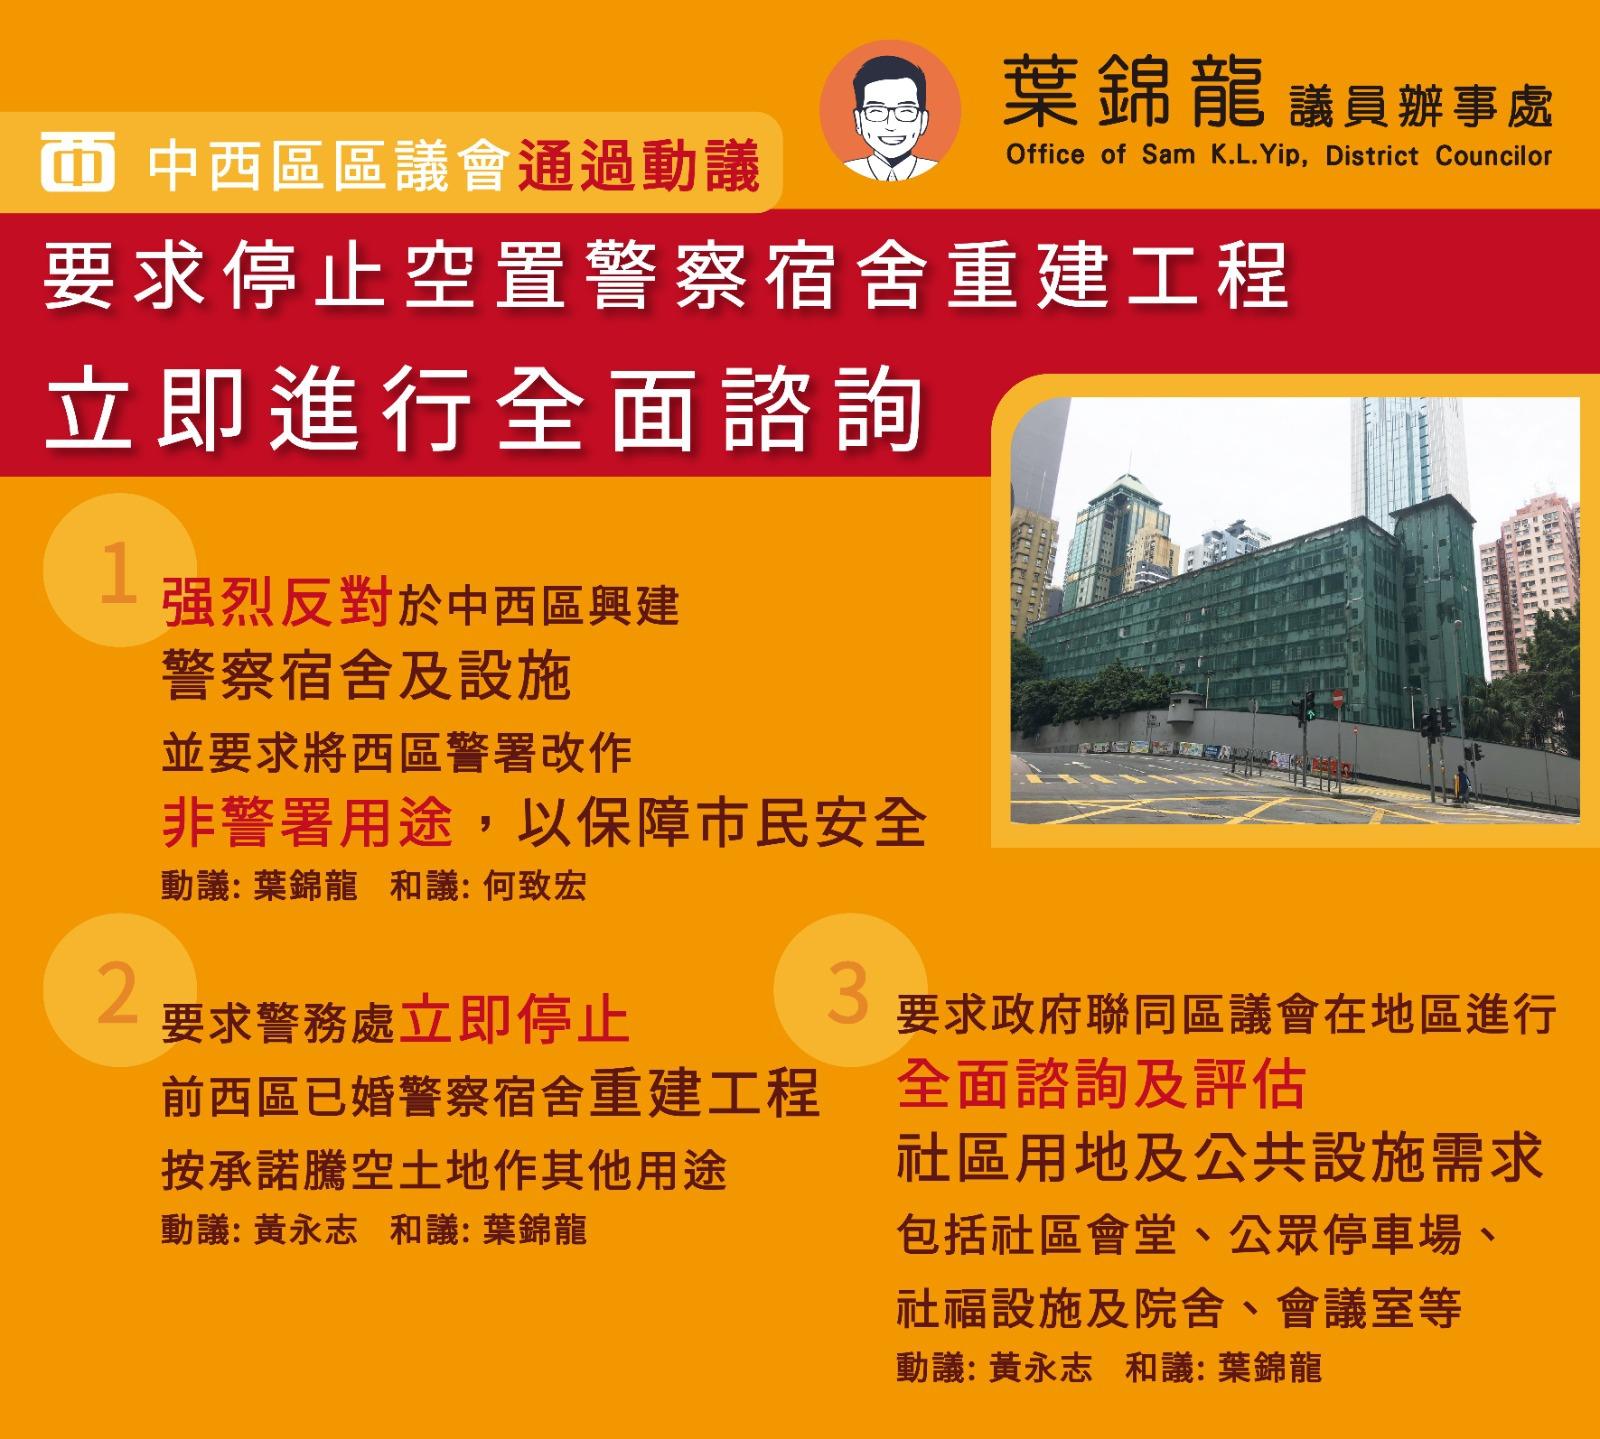 【中西區區議會議題:空置警察宿舍重建工程】